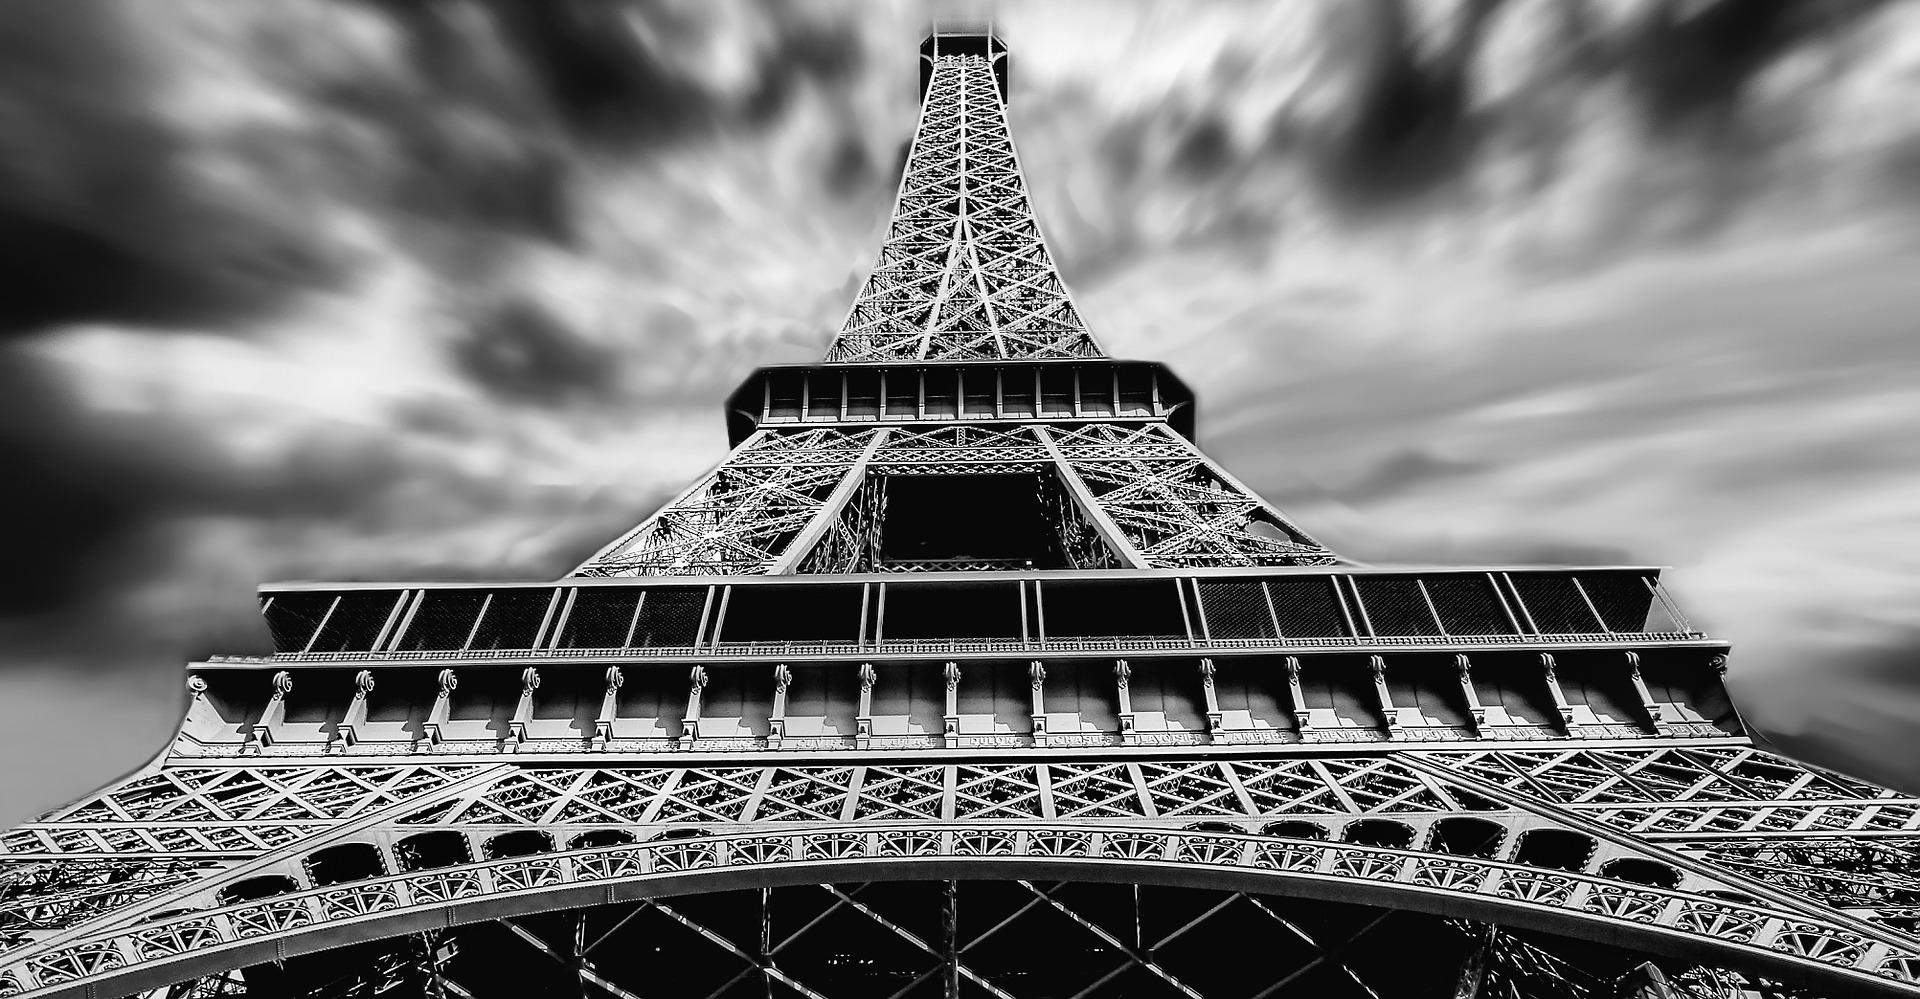 eiffel-tower-1784212_1920